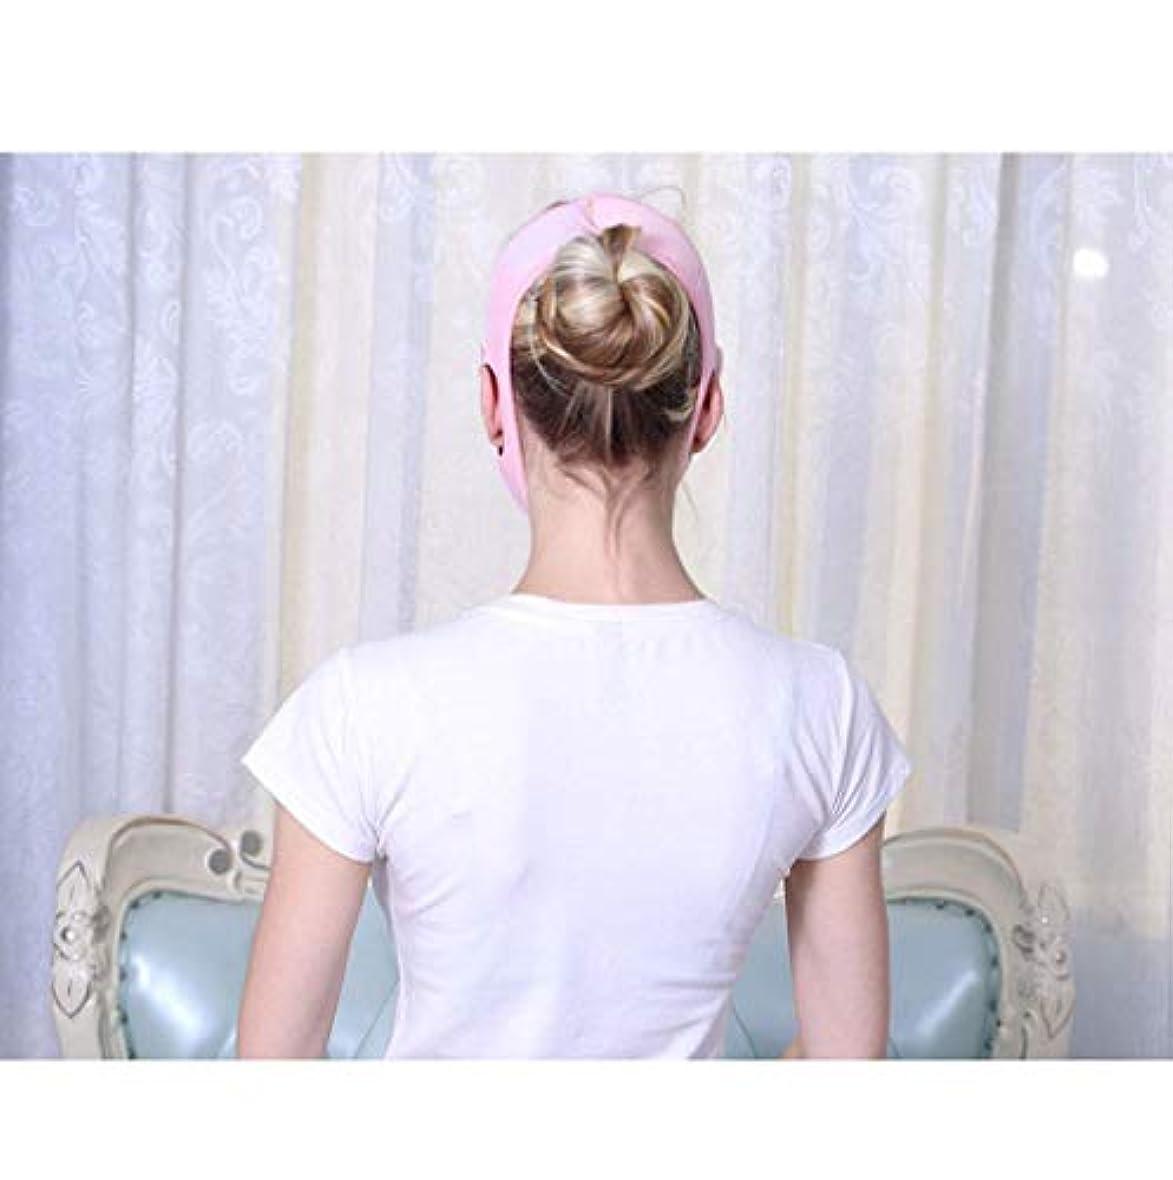 内部教育する矛盾薄型フェイスベルト、V字絆創膏ダブルマスクあご取り法用マスクリフティングファーミングスリーピングマスク(カラー:ホワイト),ピンク